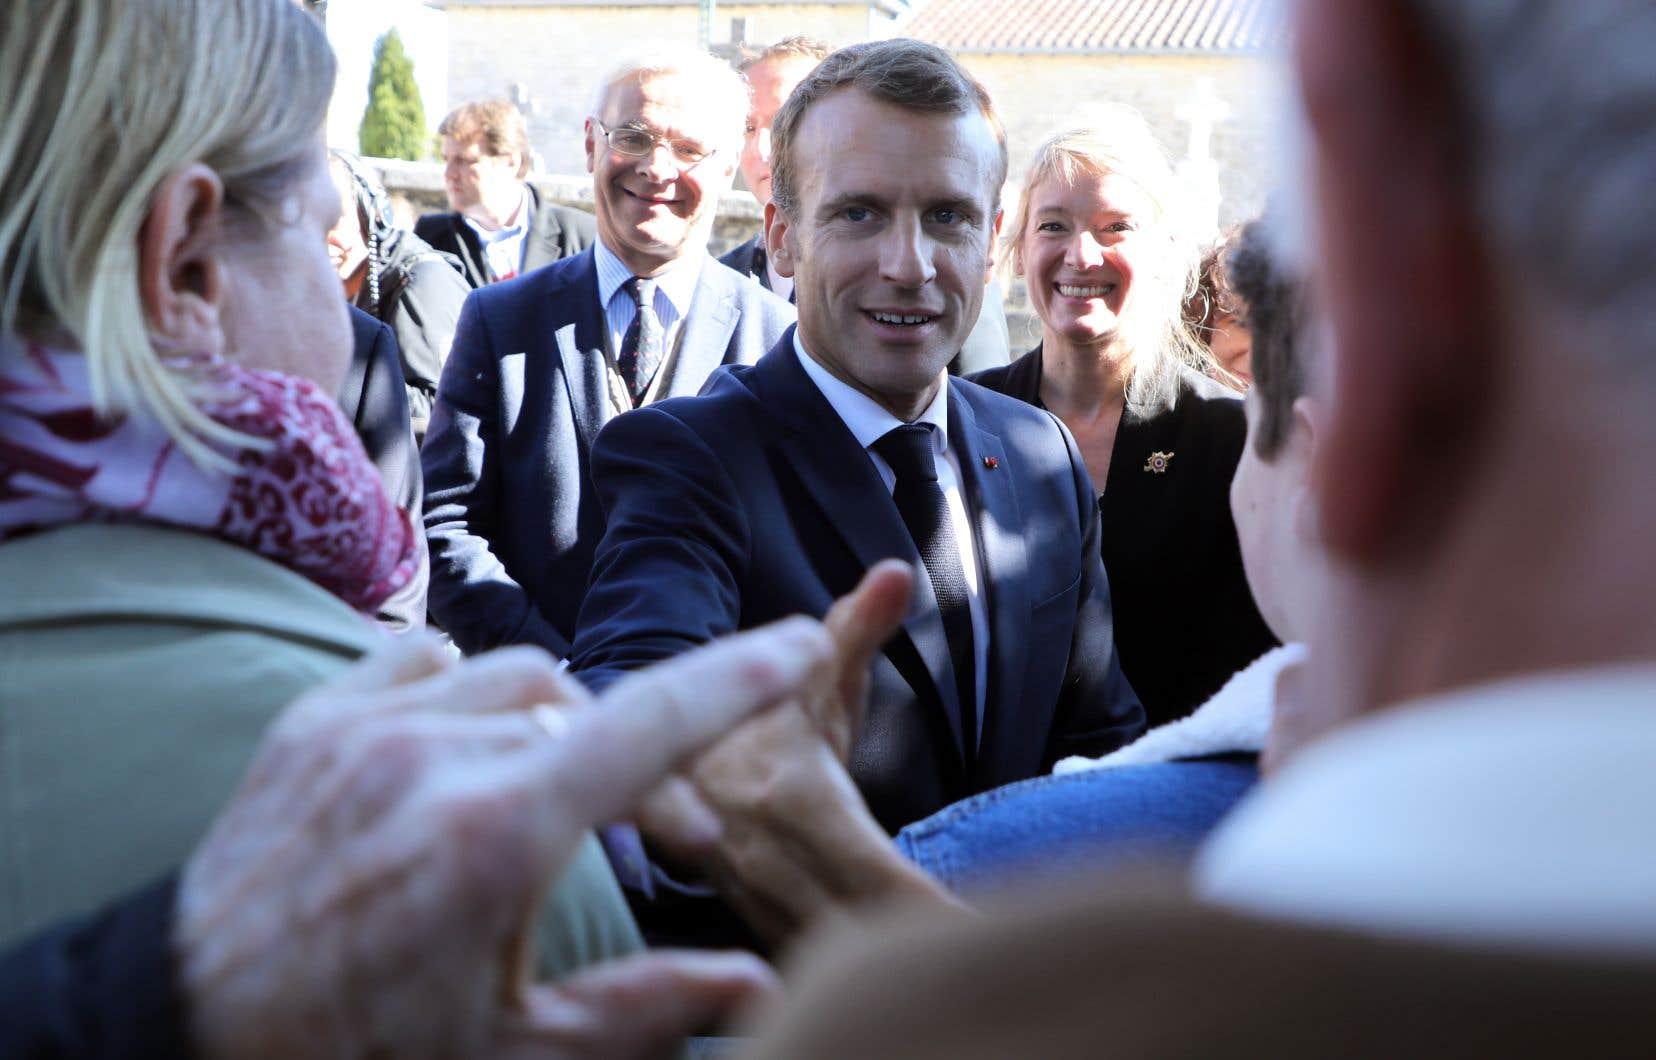 Coutumier des propos polémiques depuis son élection, Emmanuel Macron s'est vu accuser à plusieurs reprises de tenir des propos hautains sur la question sociale.